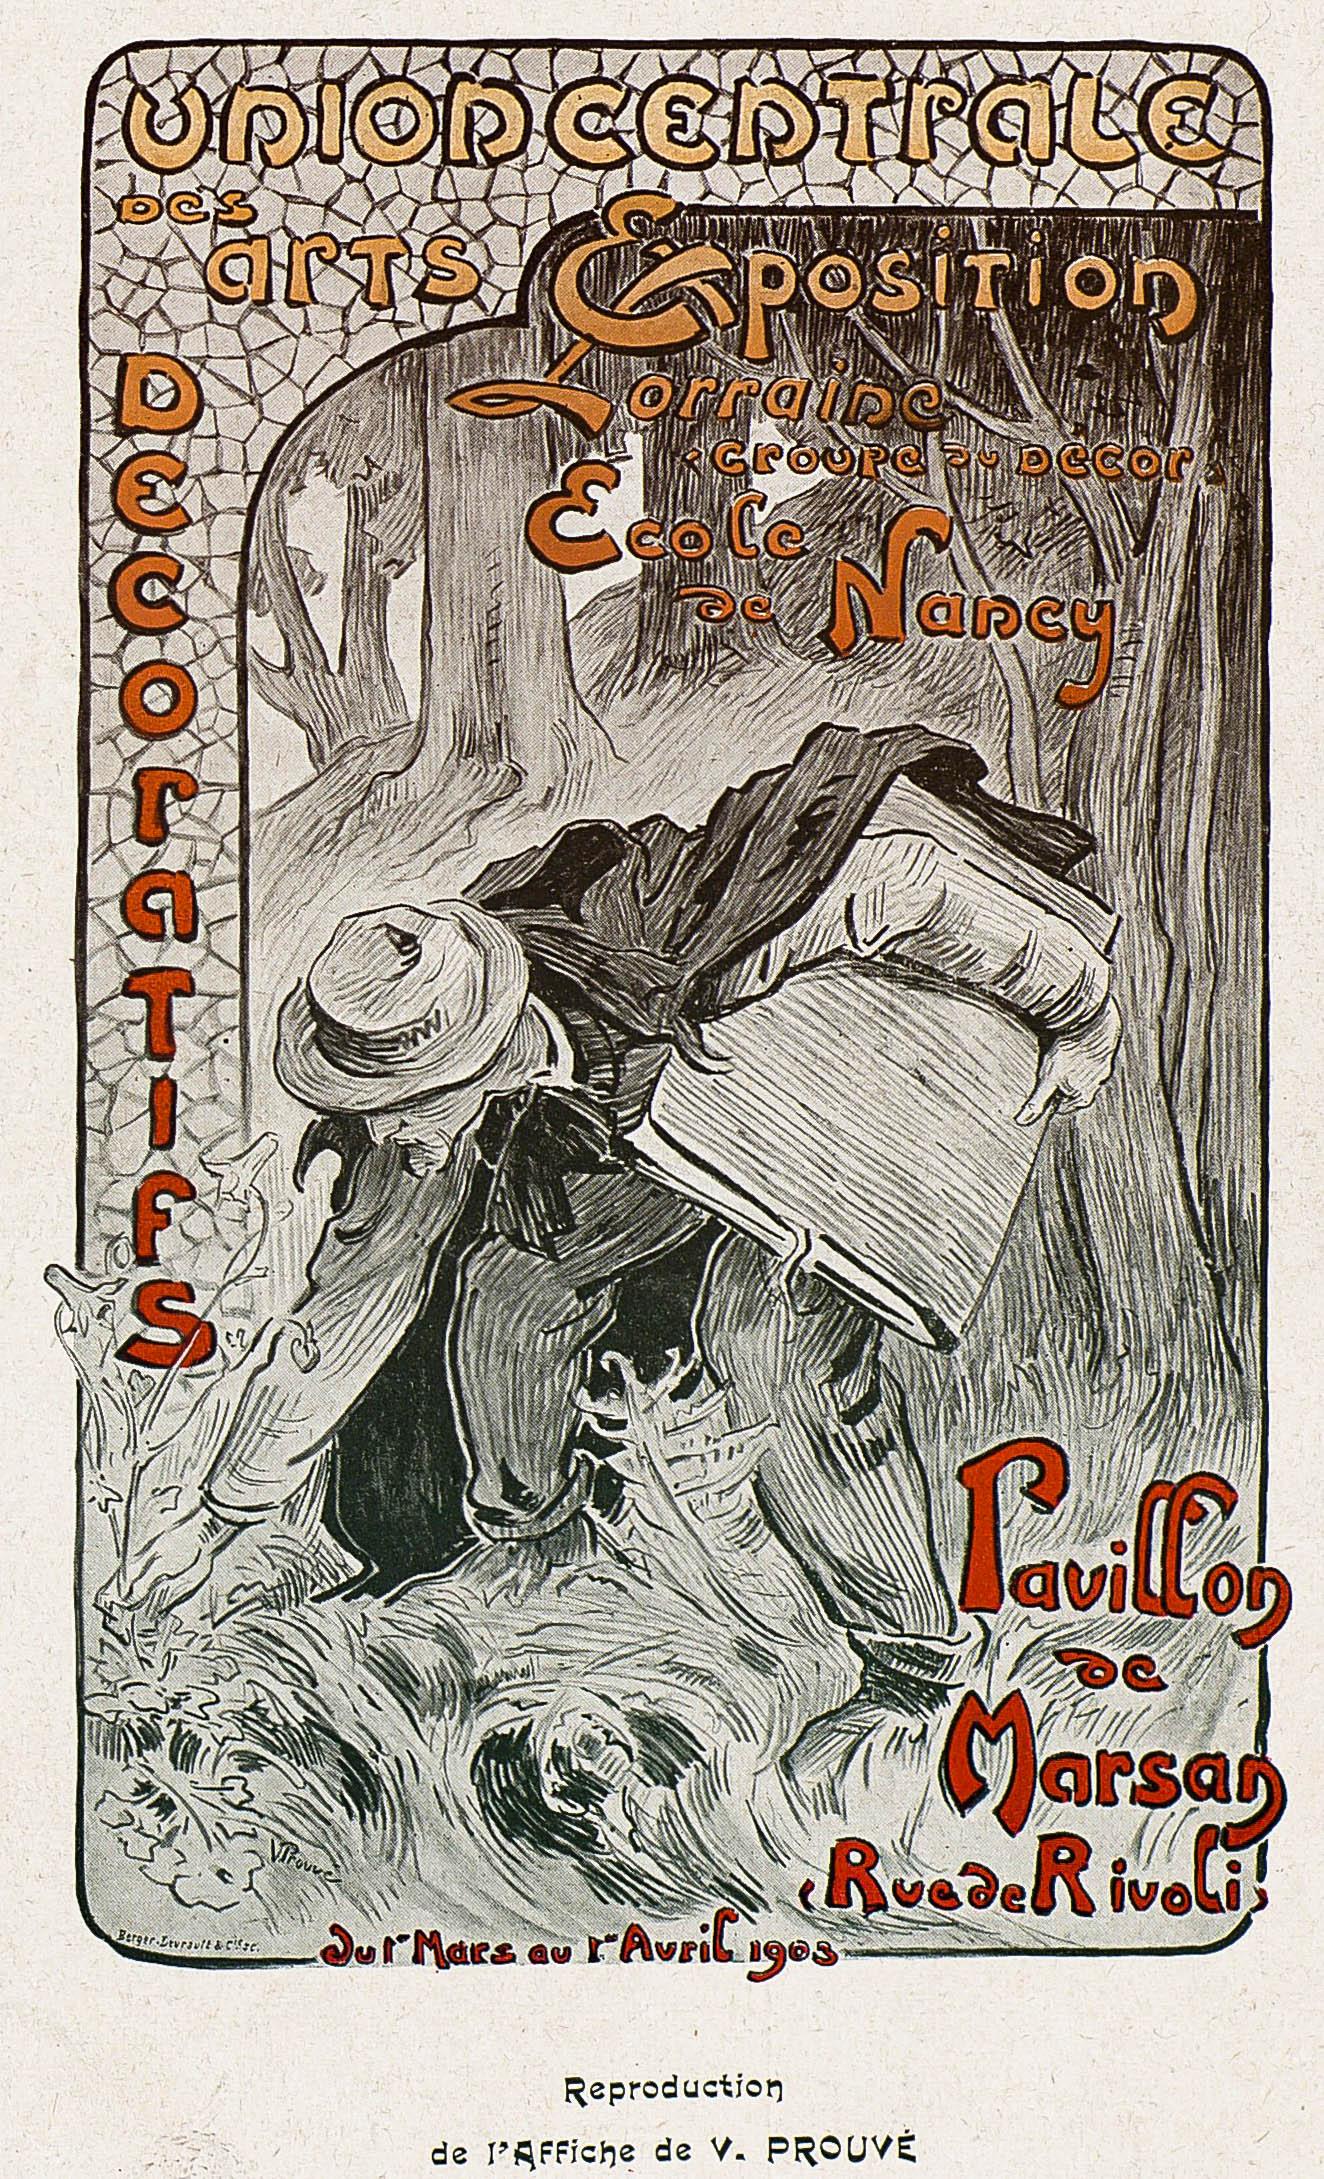 Contenu du Reproduction de l'affiche de V. Prouvé